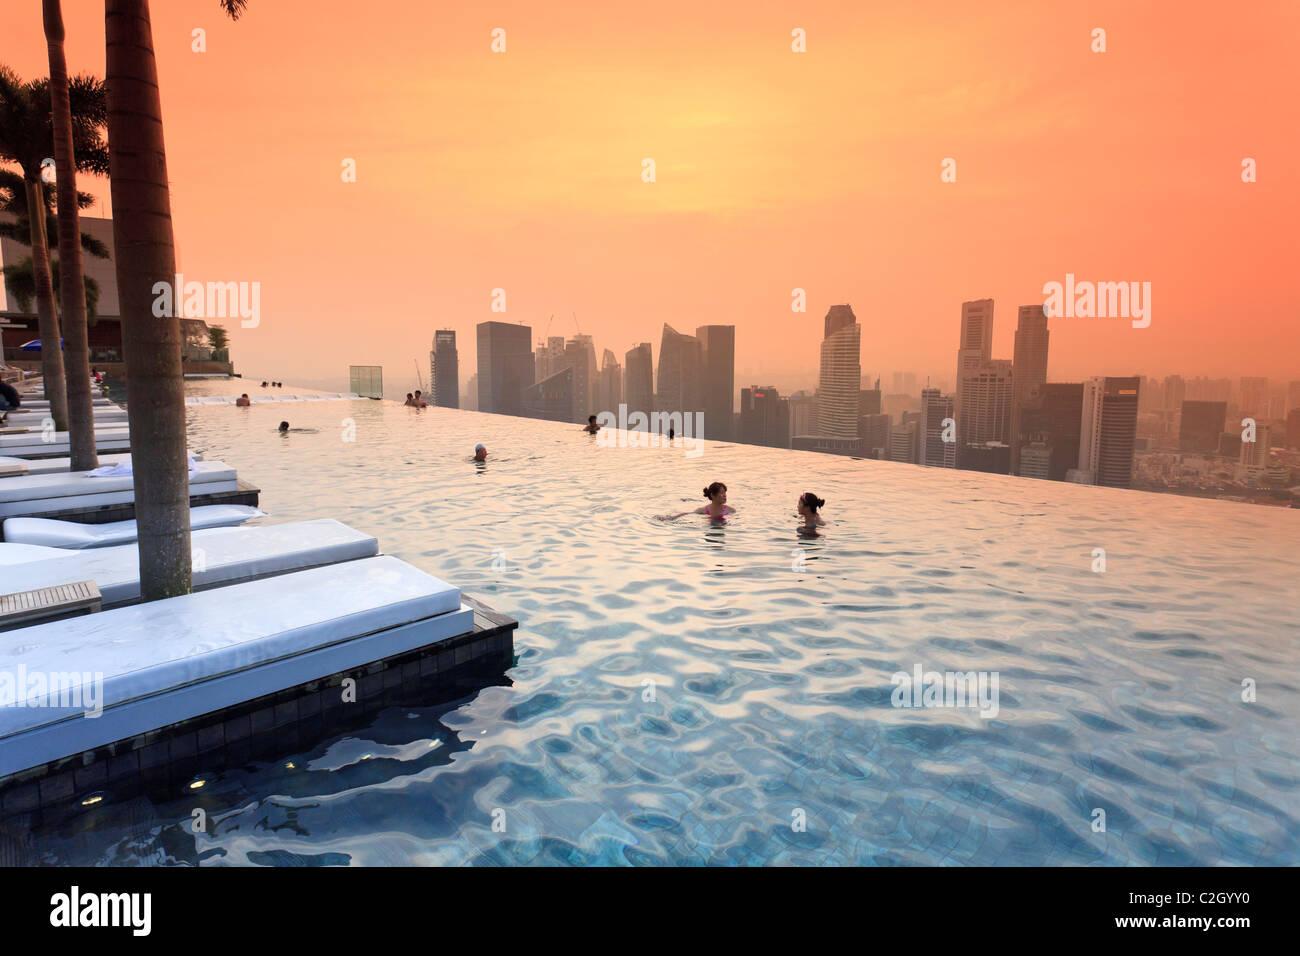 Marina bay sands stock photos marina bay sands stock images alamy - Singapur skyline pool ...